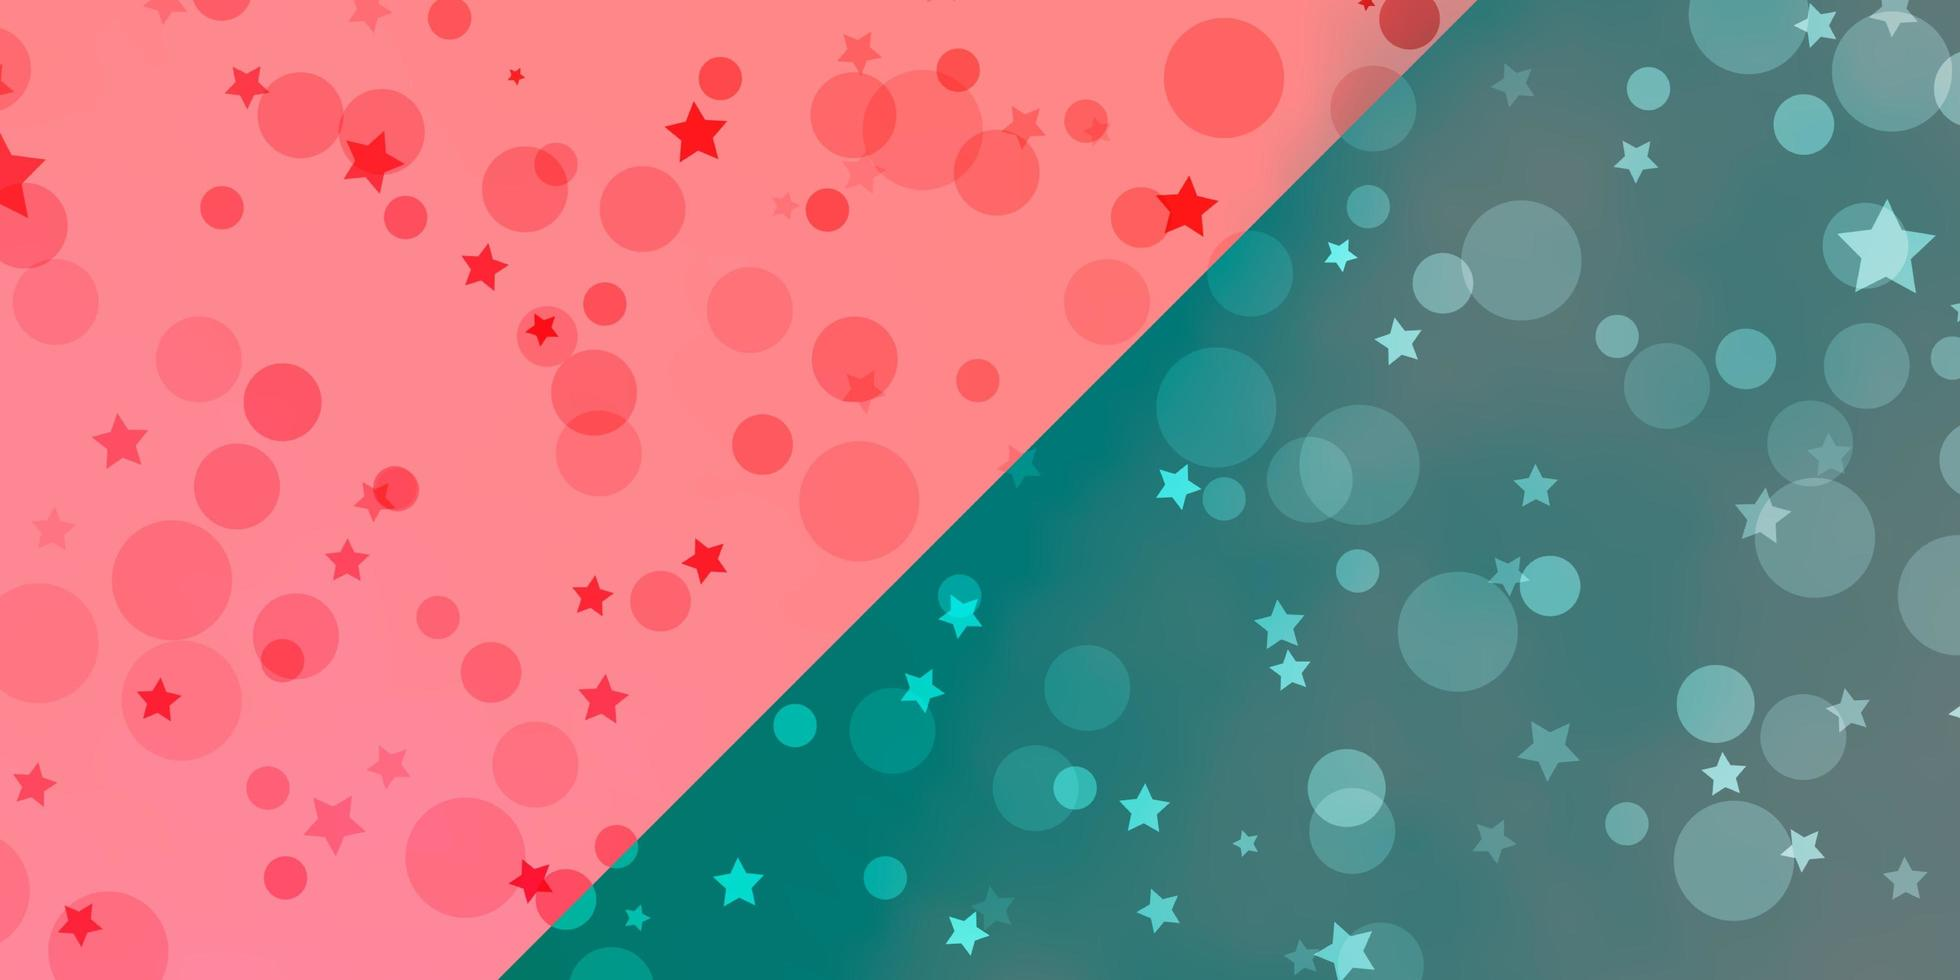 mise en page vectorielle avec des cercles, des étoiles. vecteur